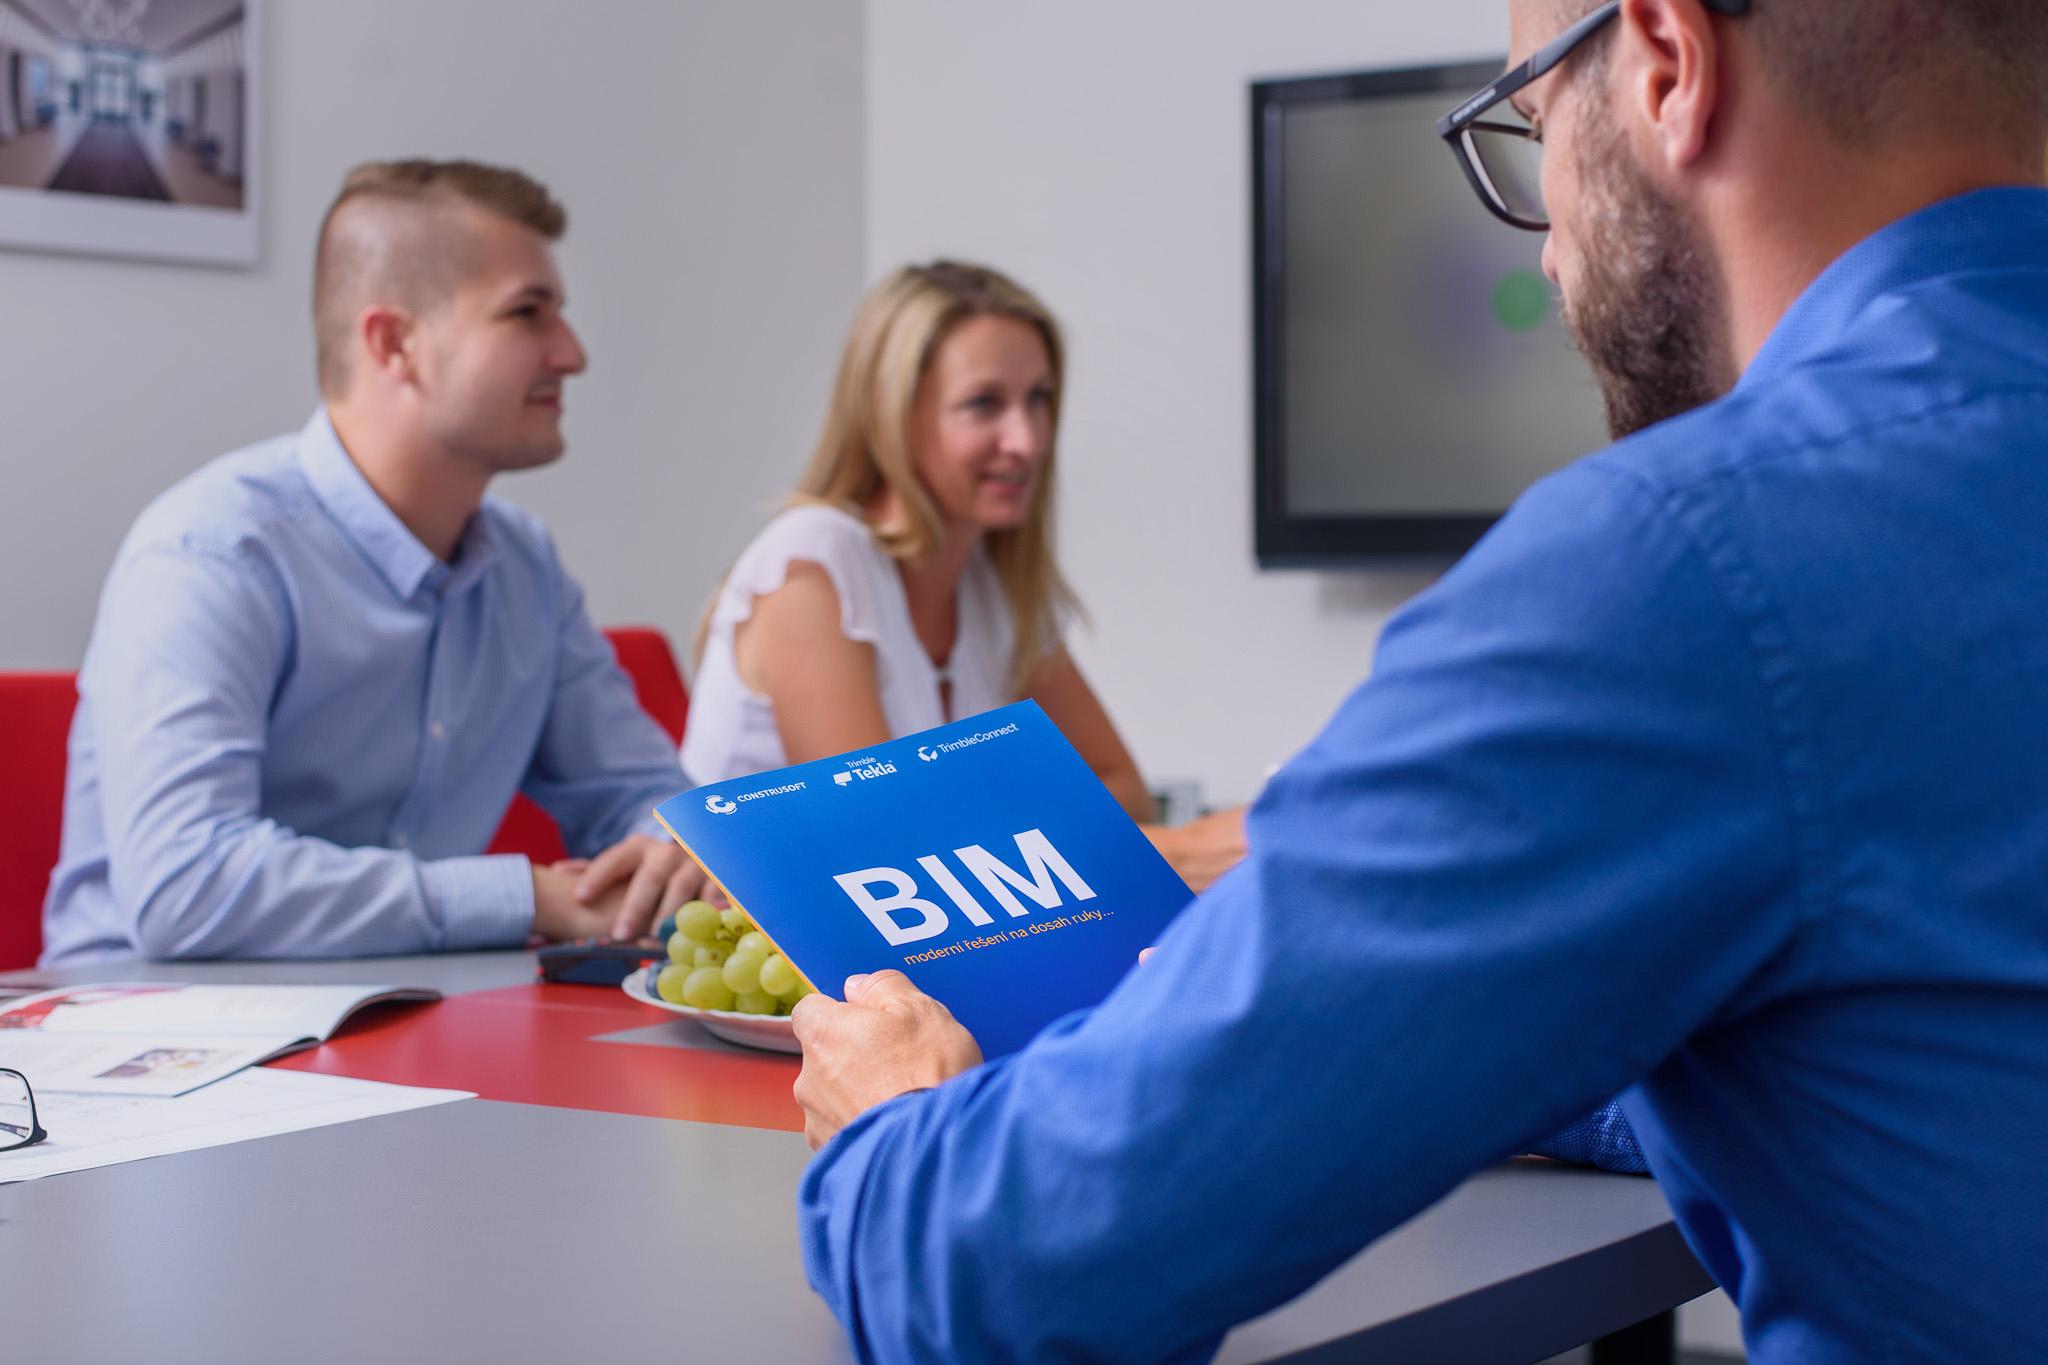 Mezi naše služby patří BIM